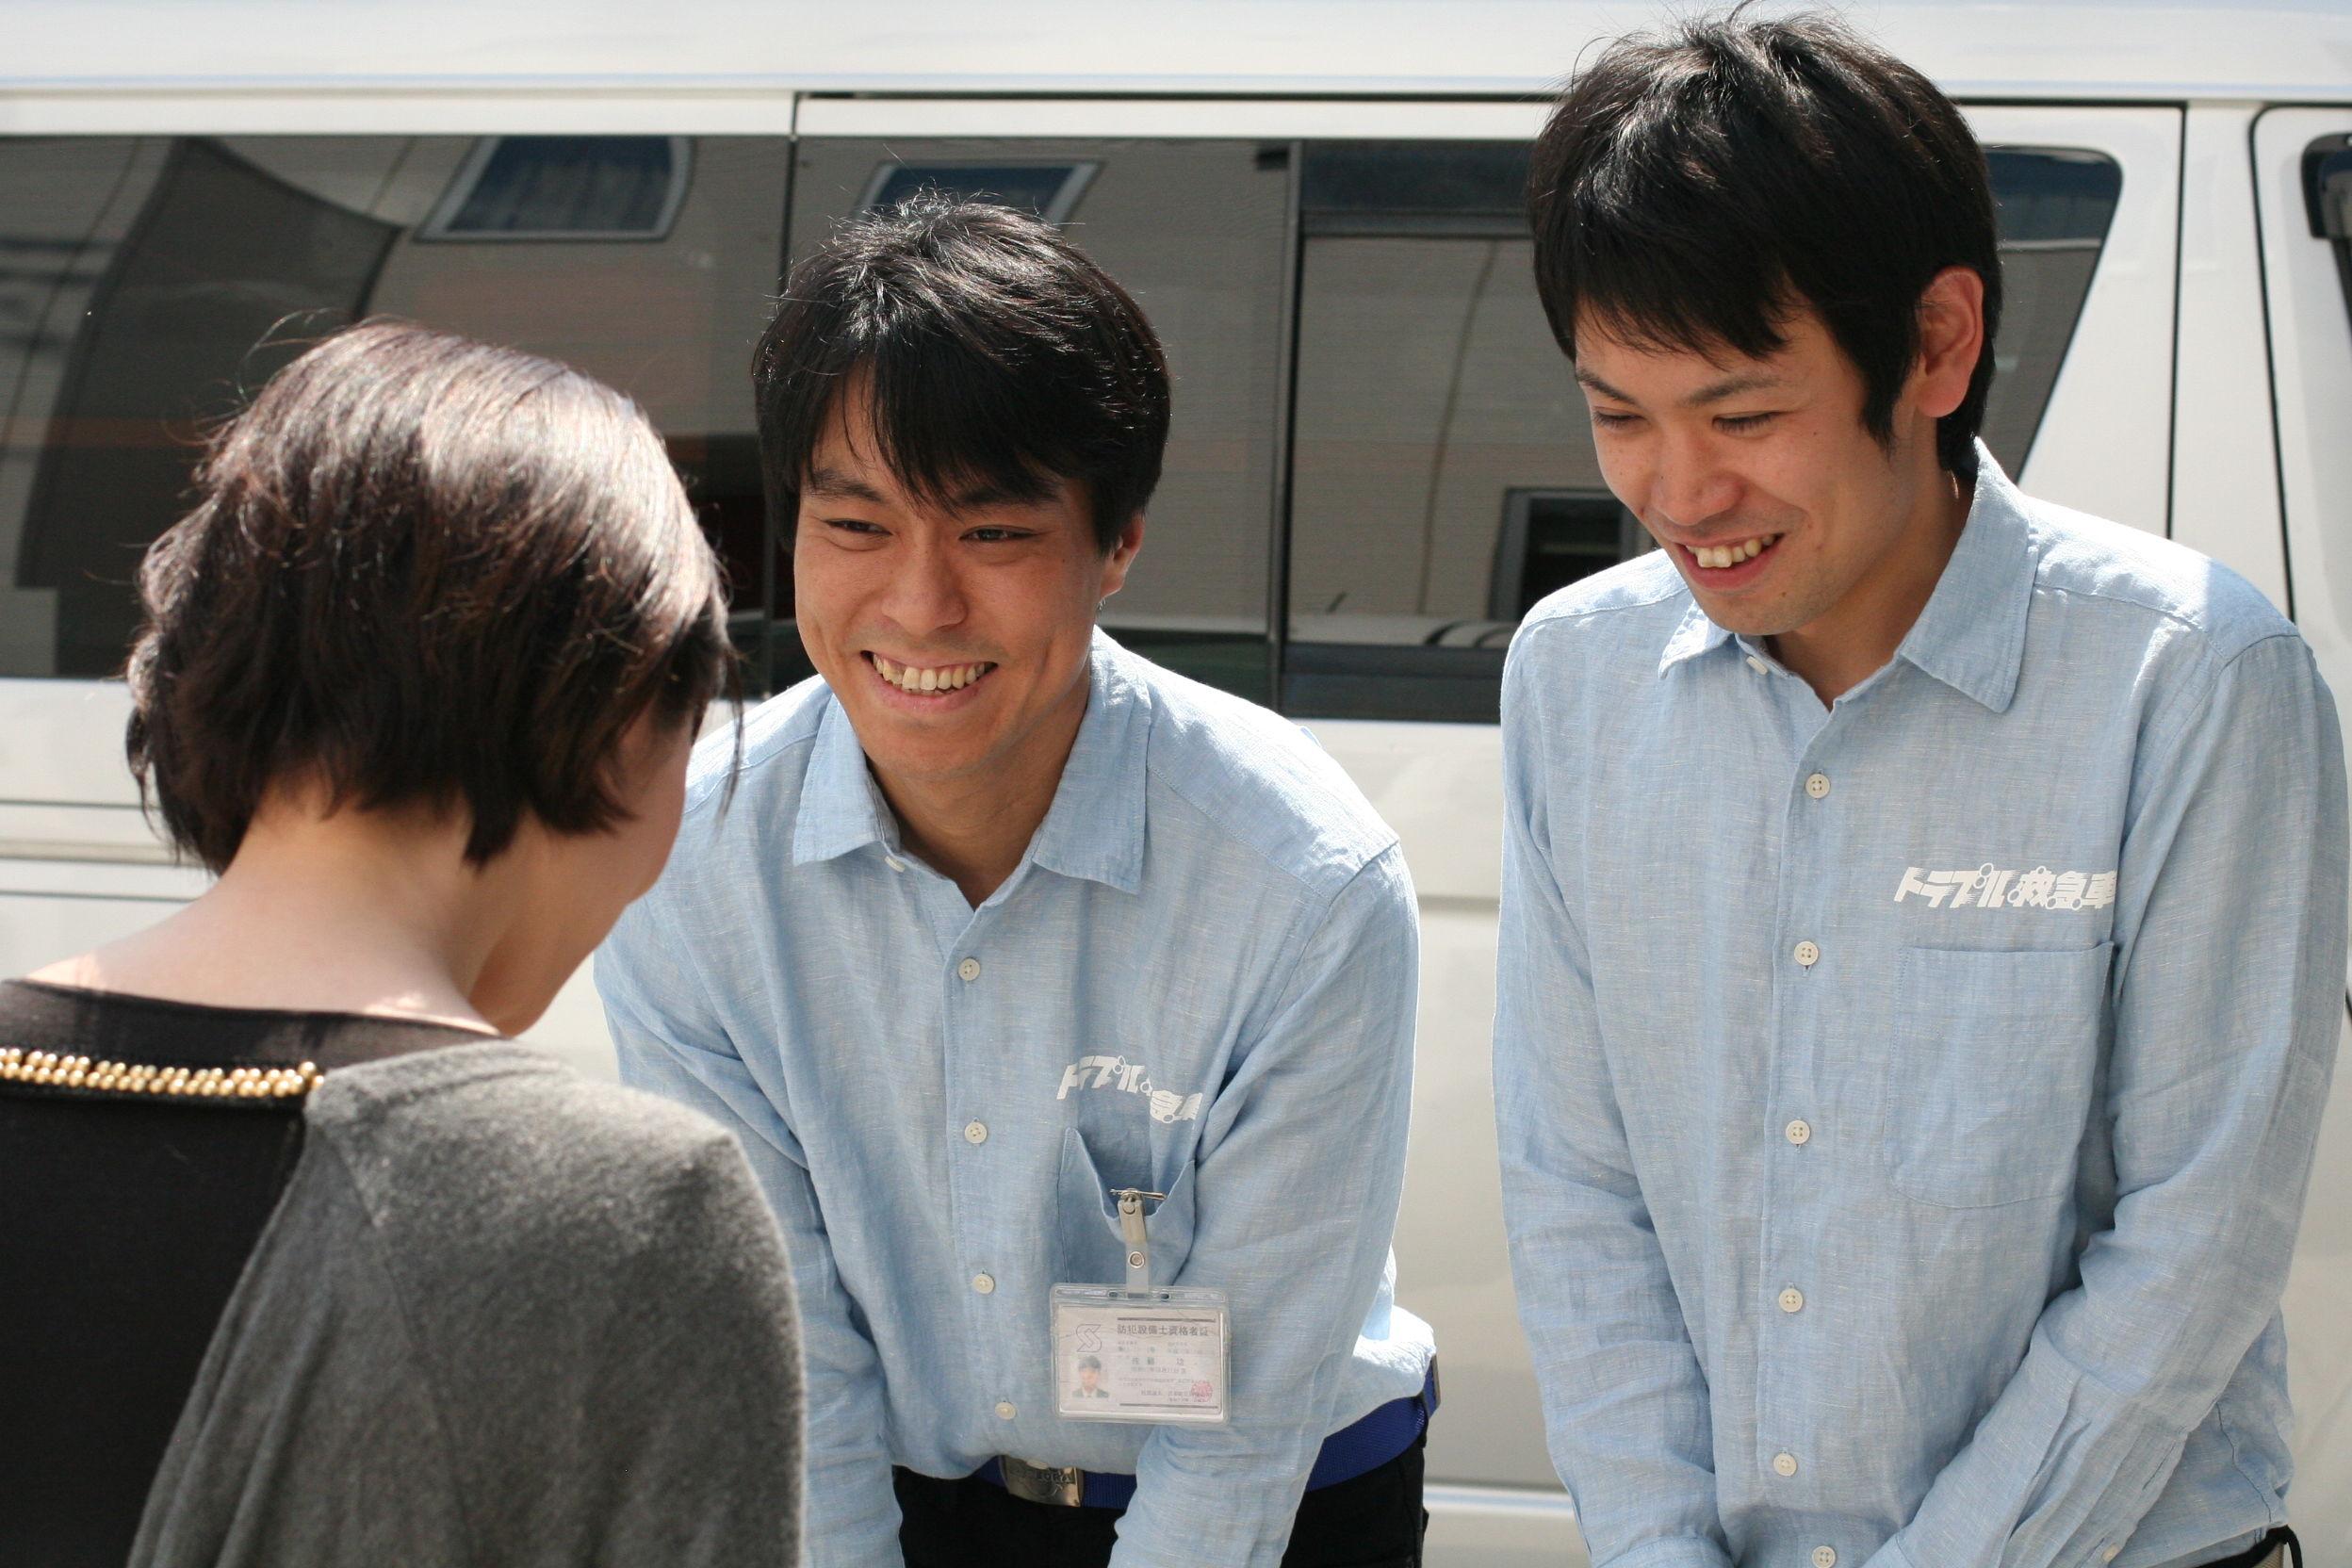 カギのトラブル救急車【本宮市 出張エリア】のアピールポイント1